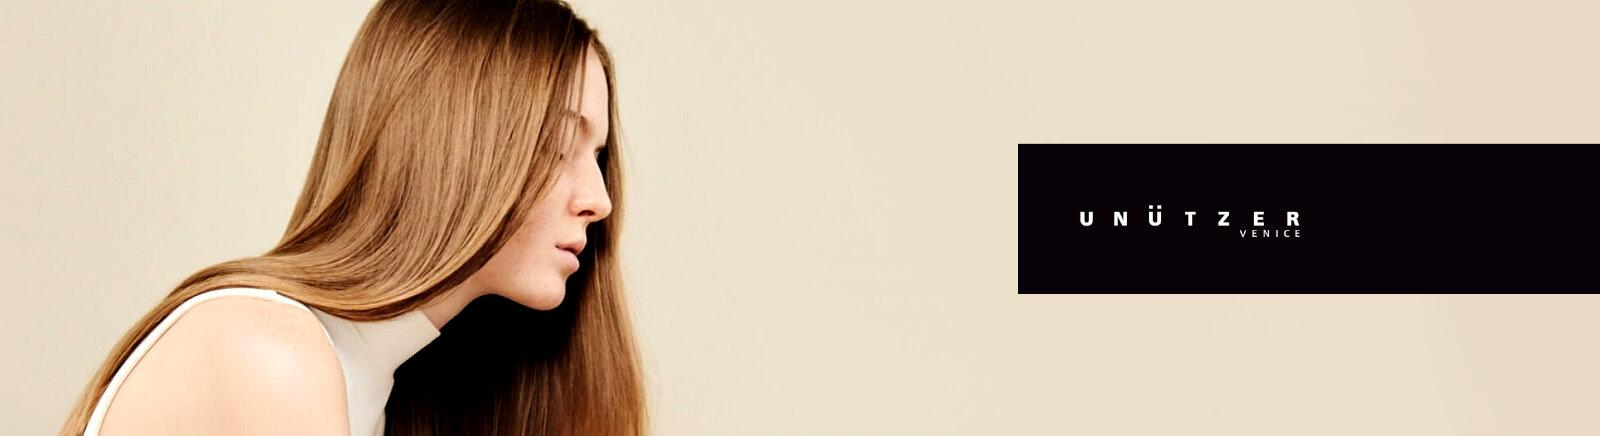 Unützer Venice Damenschuhe online kaufen im Shop von Prange